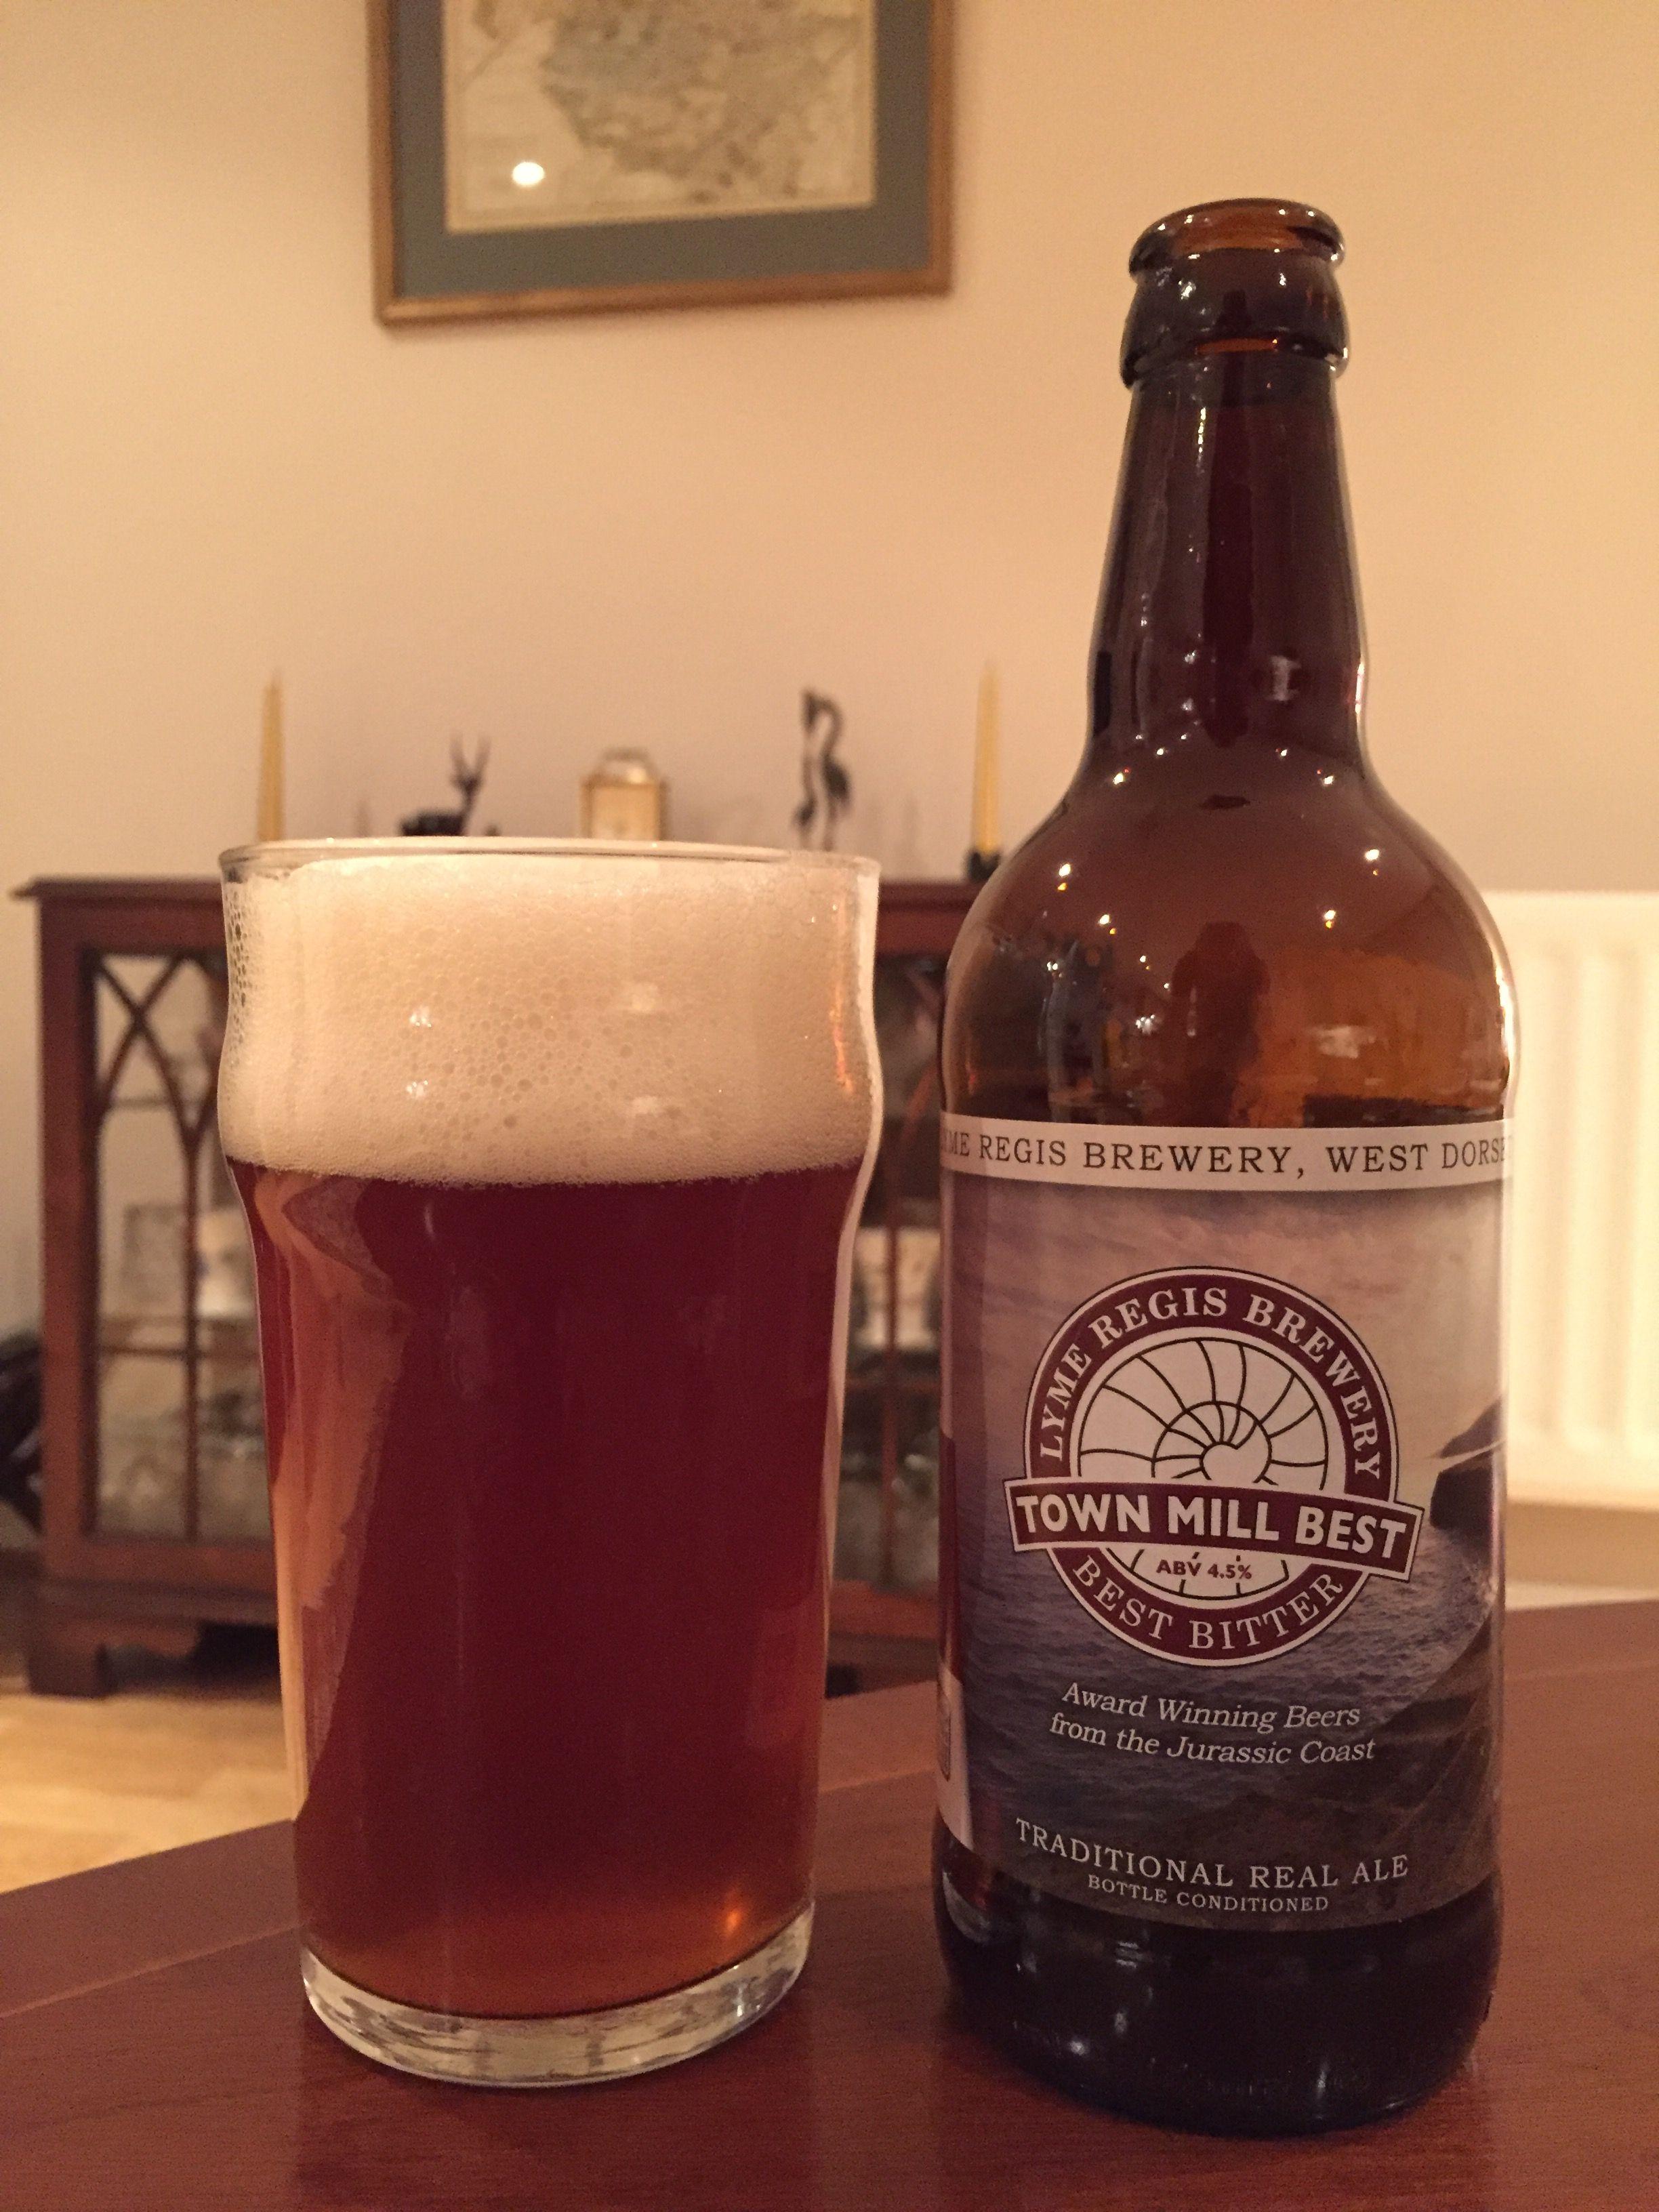 Town Mill Best Best Bitter Lyme Regis Brewery 2018 08 28 Beer Beer Bottle Brewery